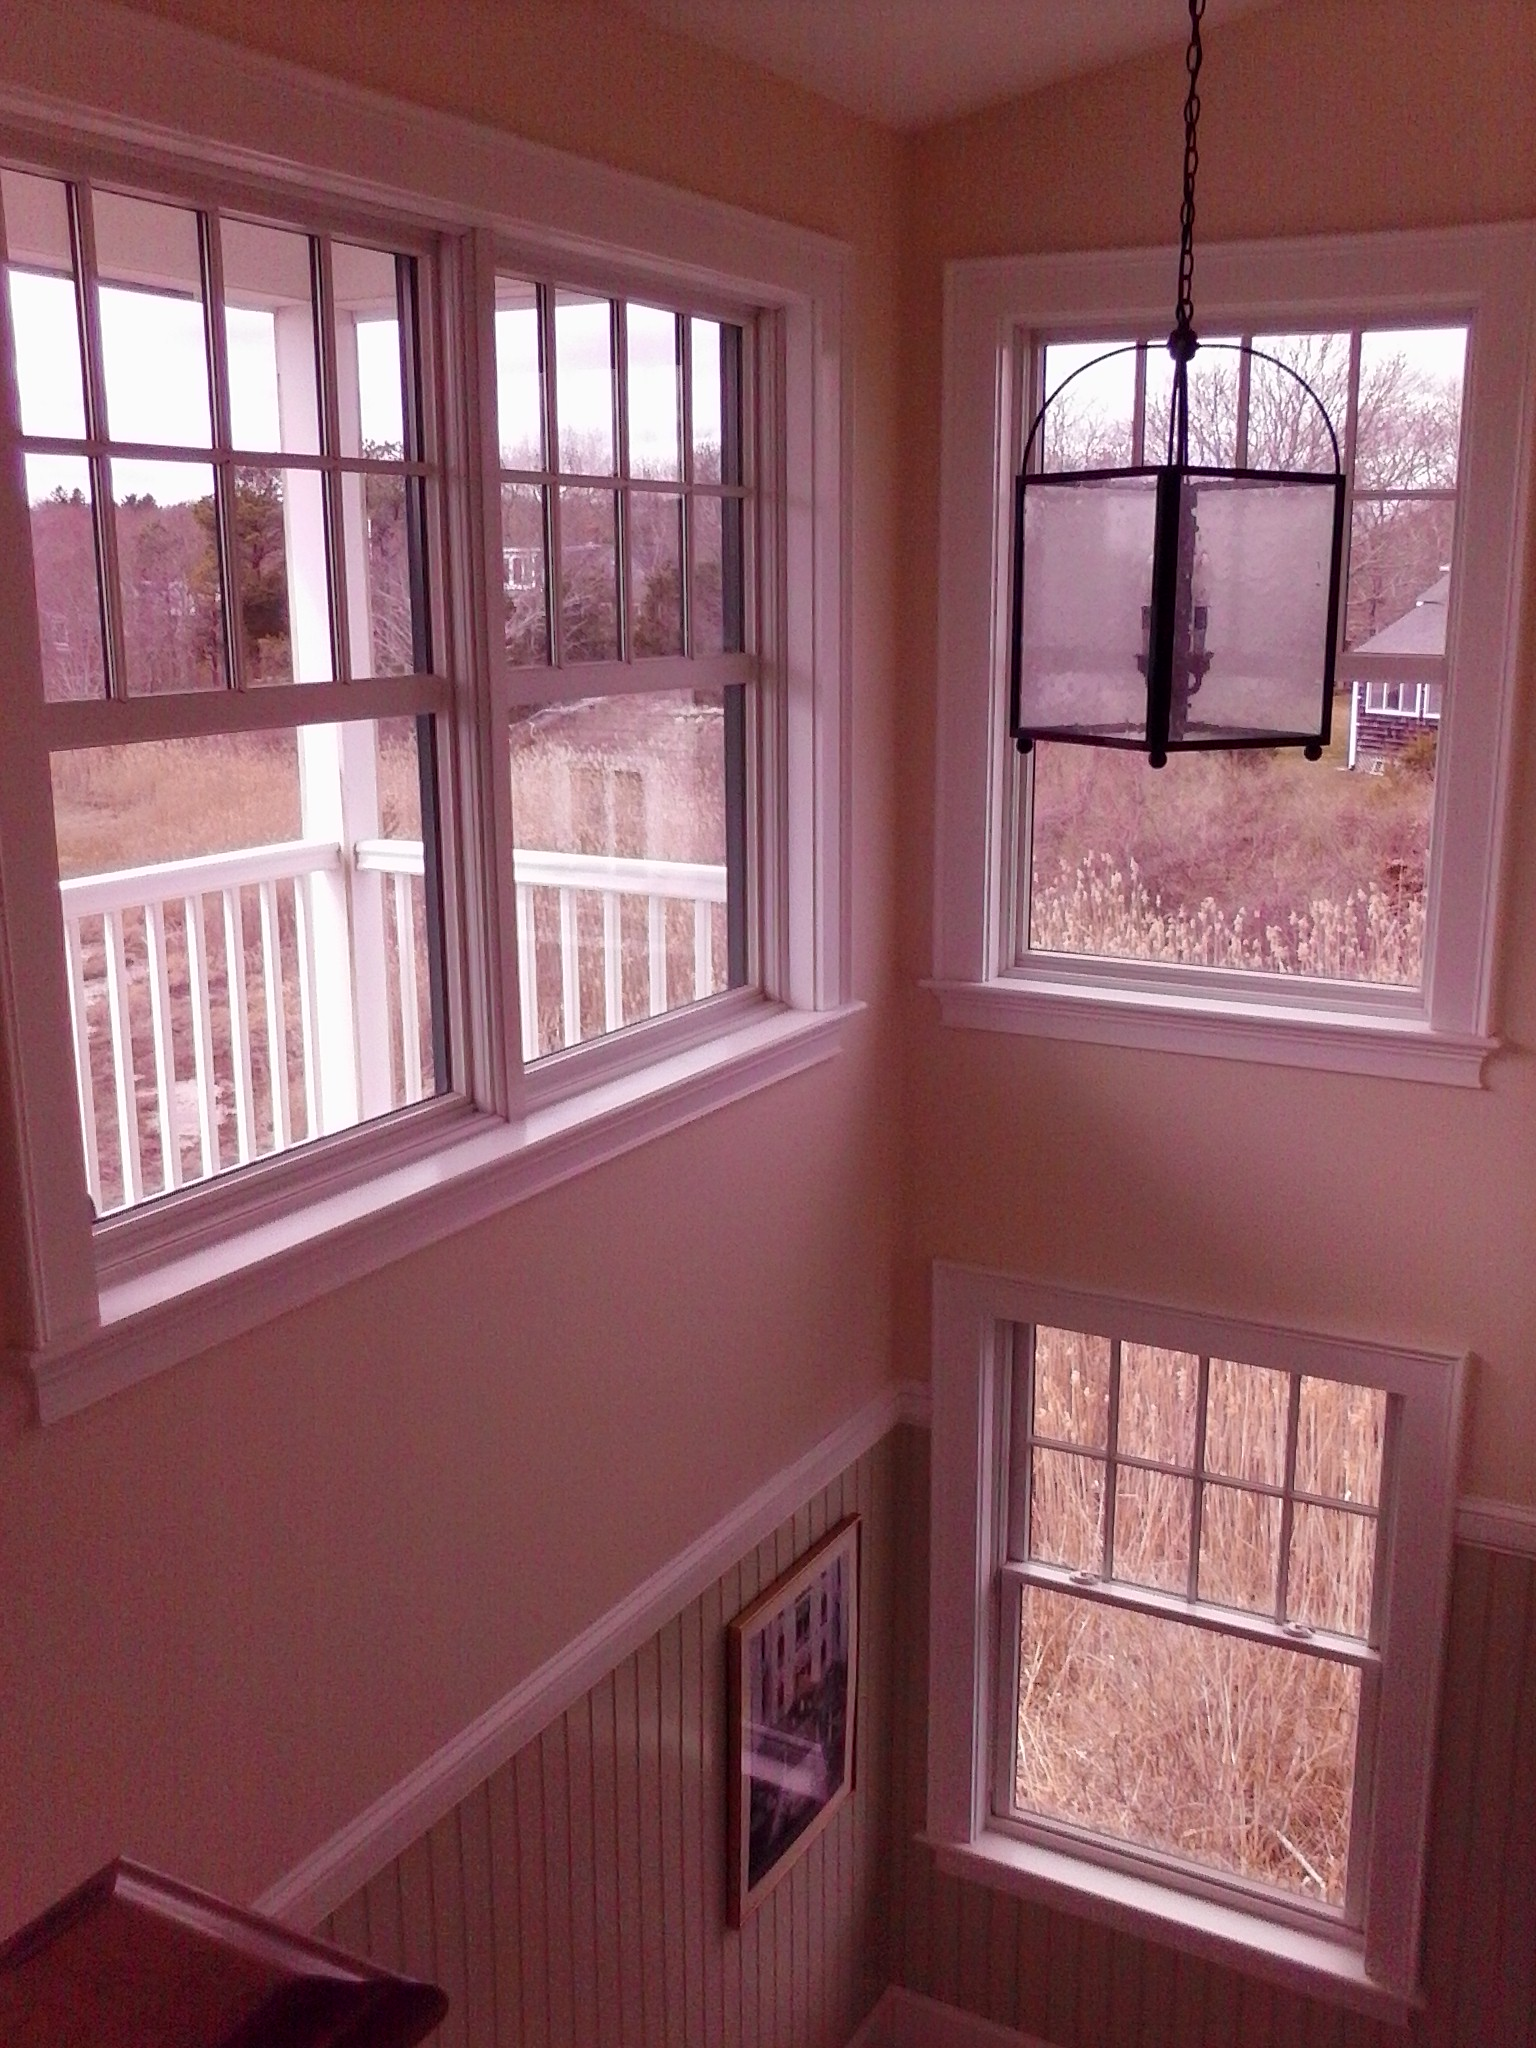 Mattapoisett window cleaning